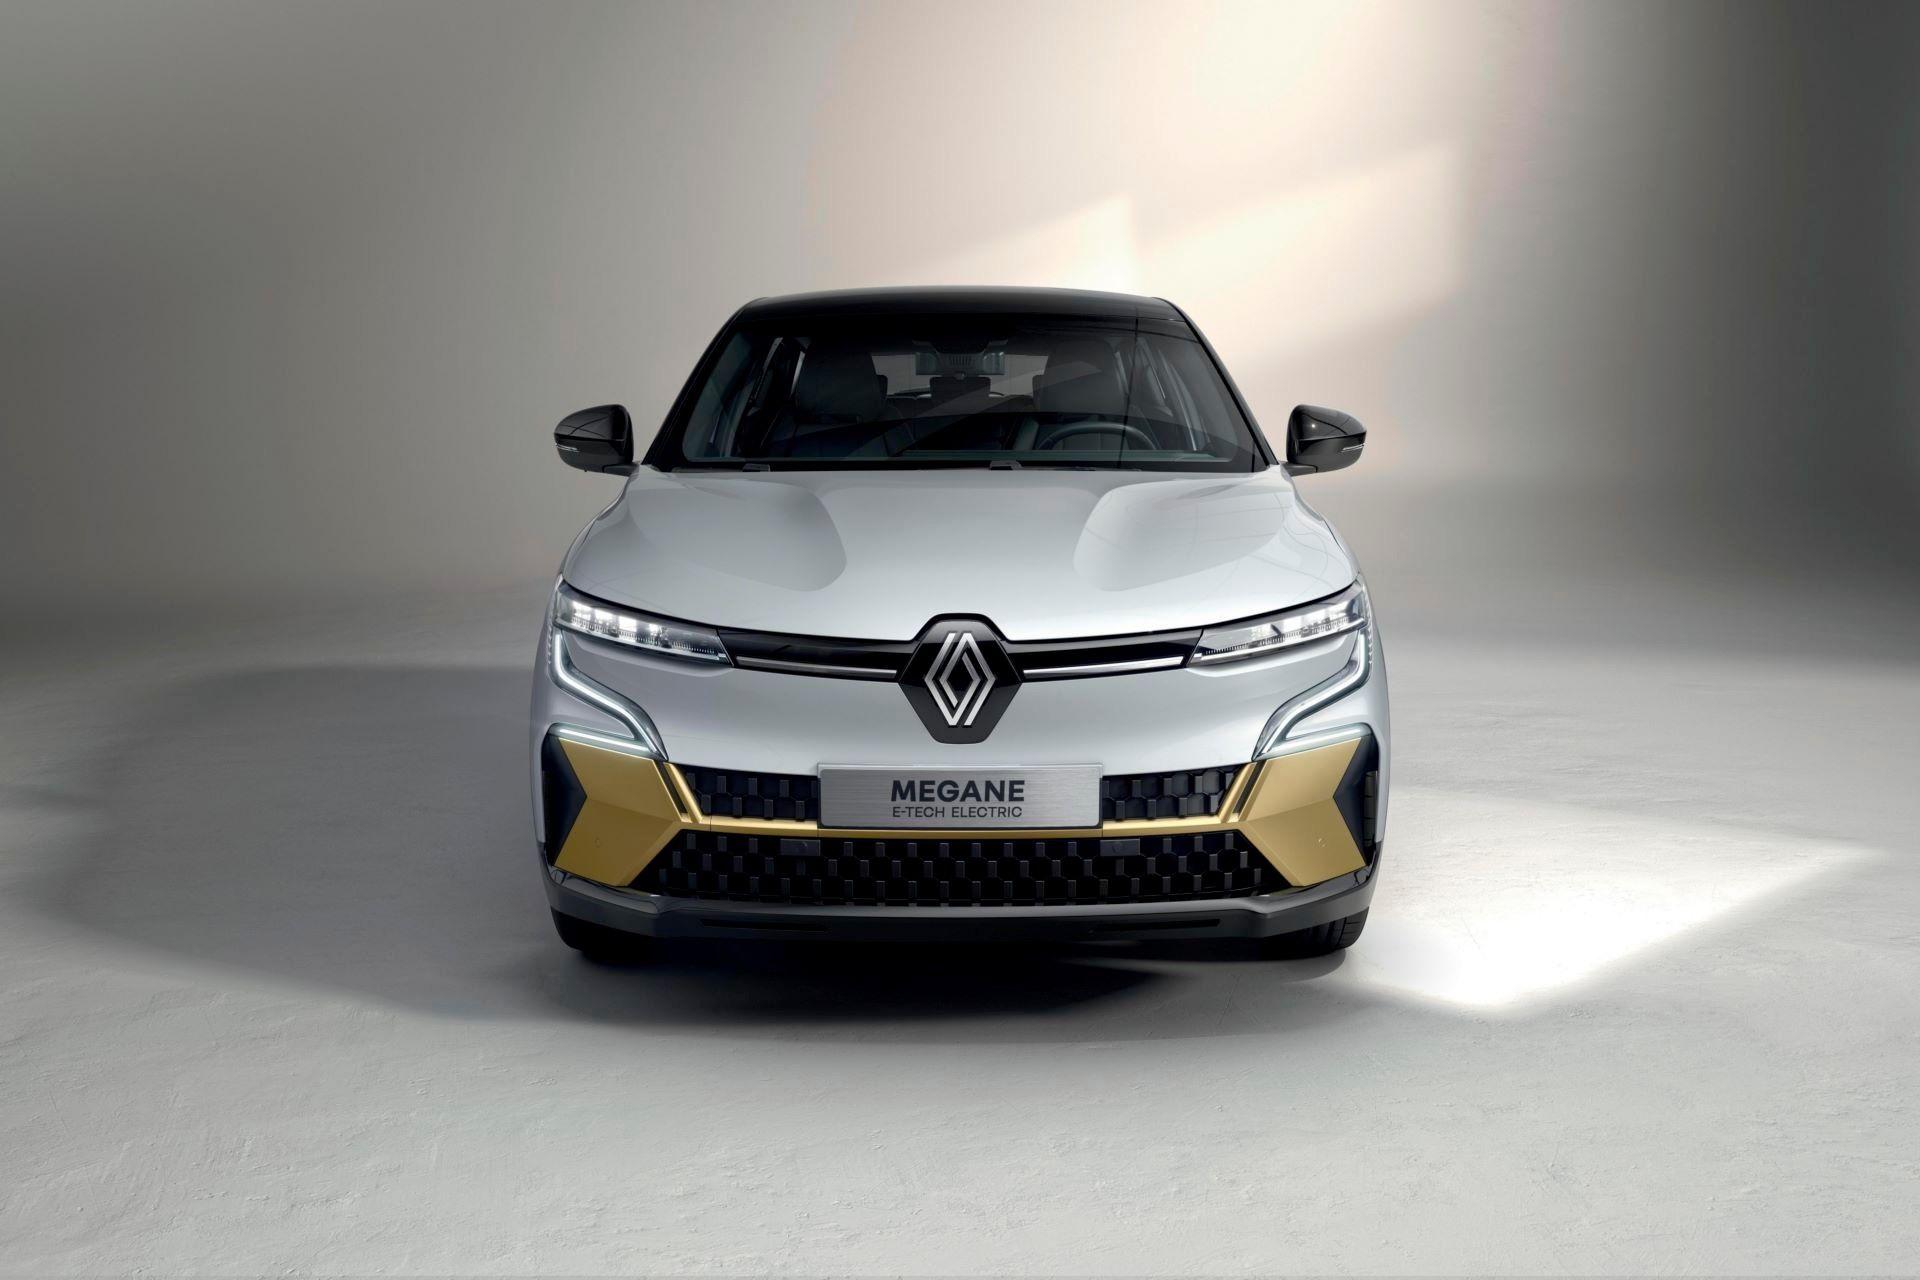 Renault-Megane-E-Tech-Electric-37